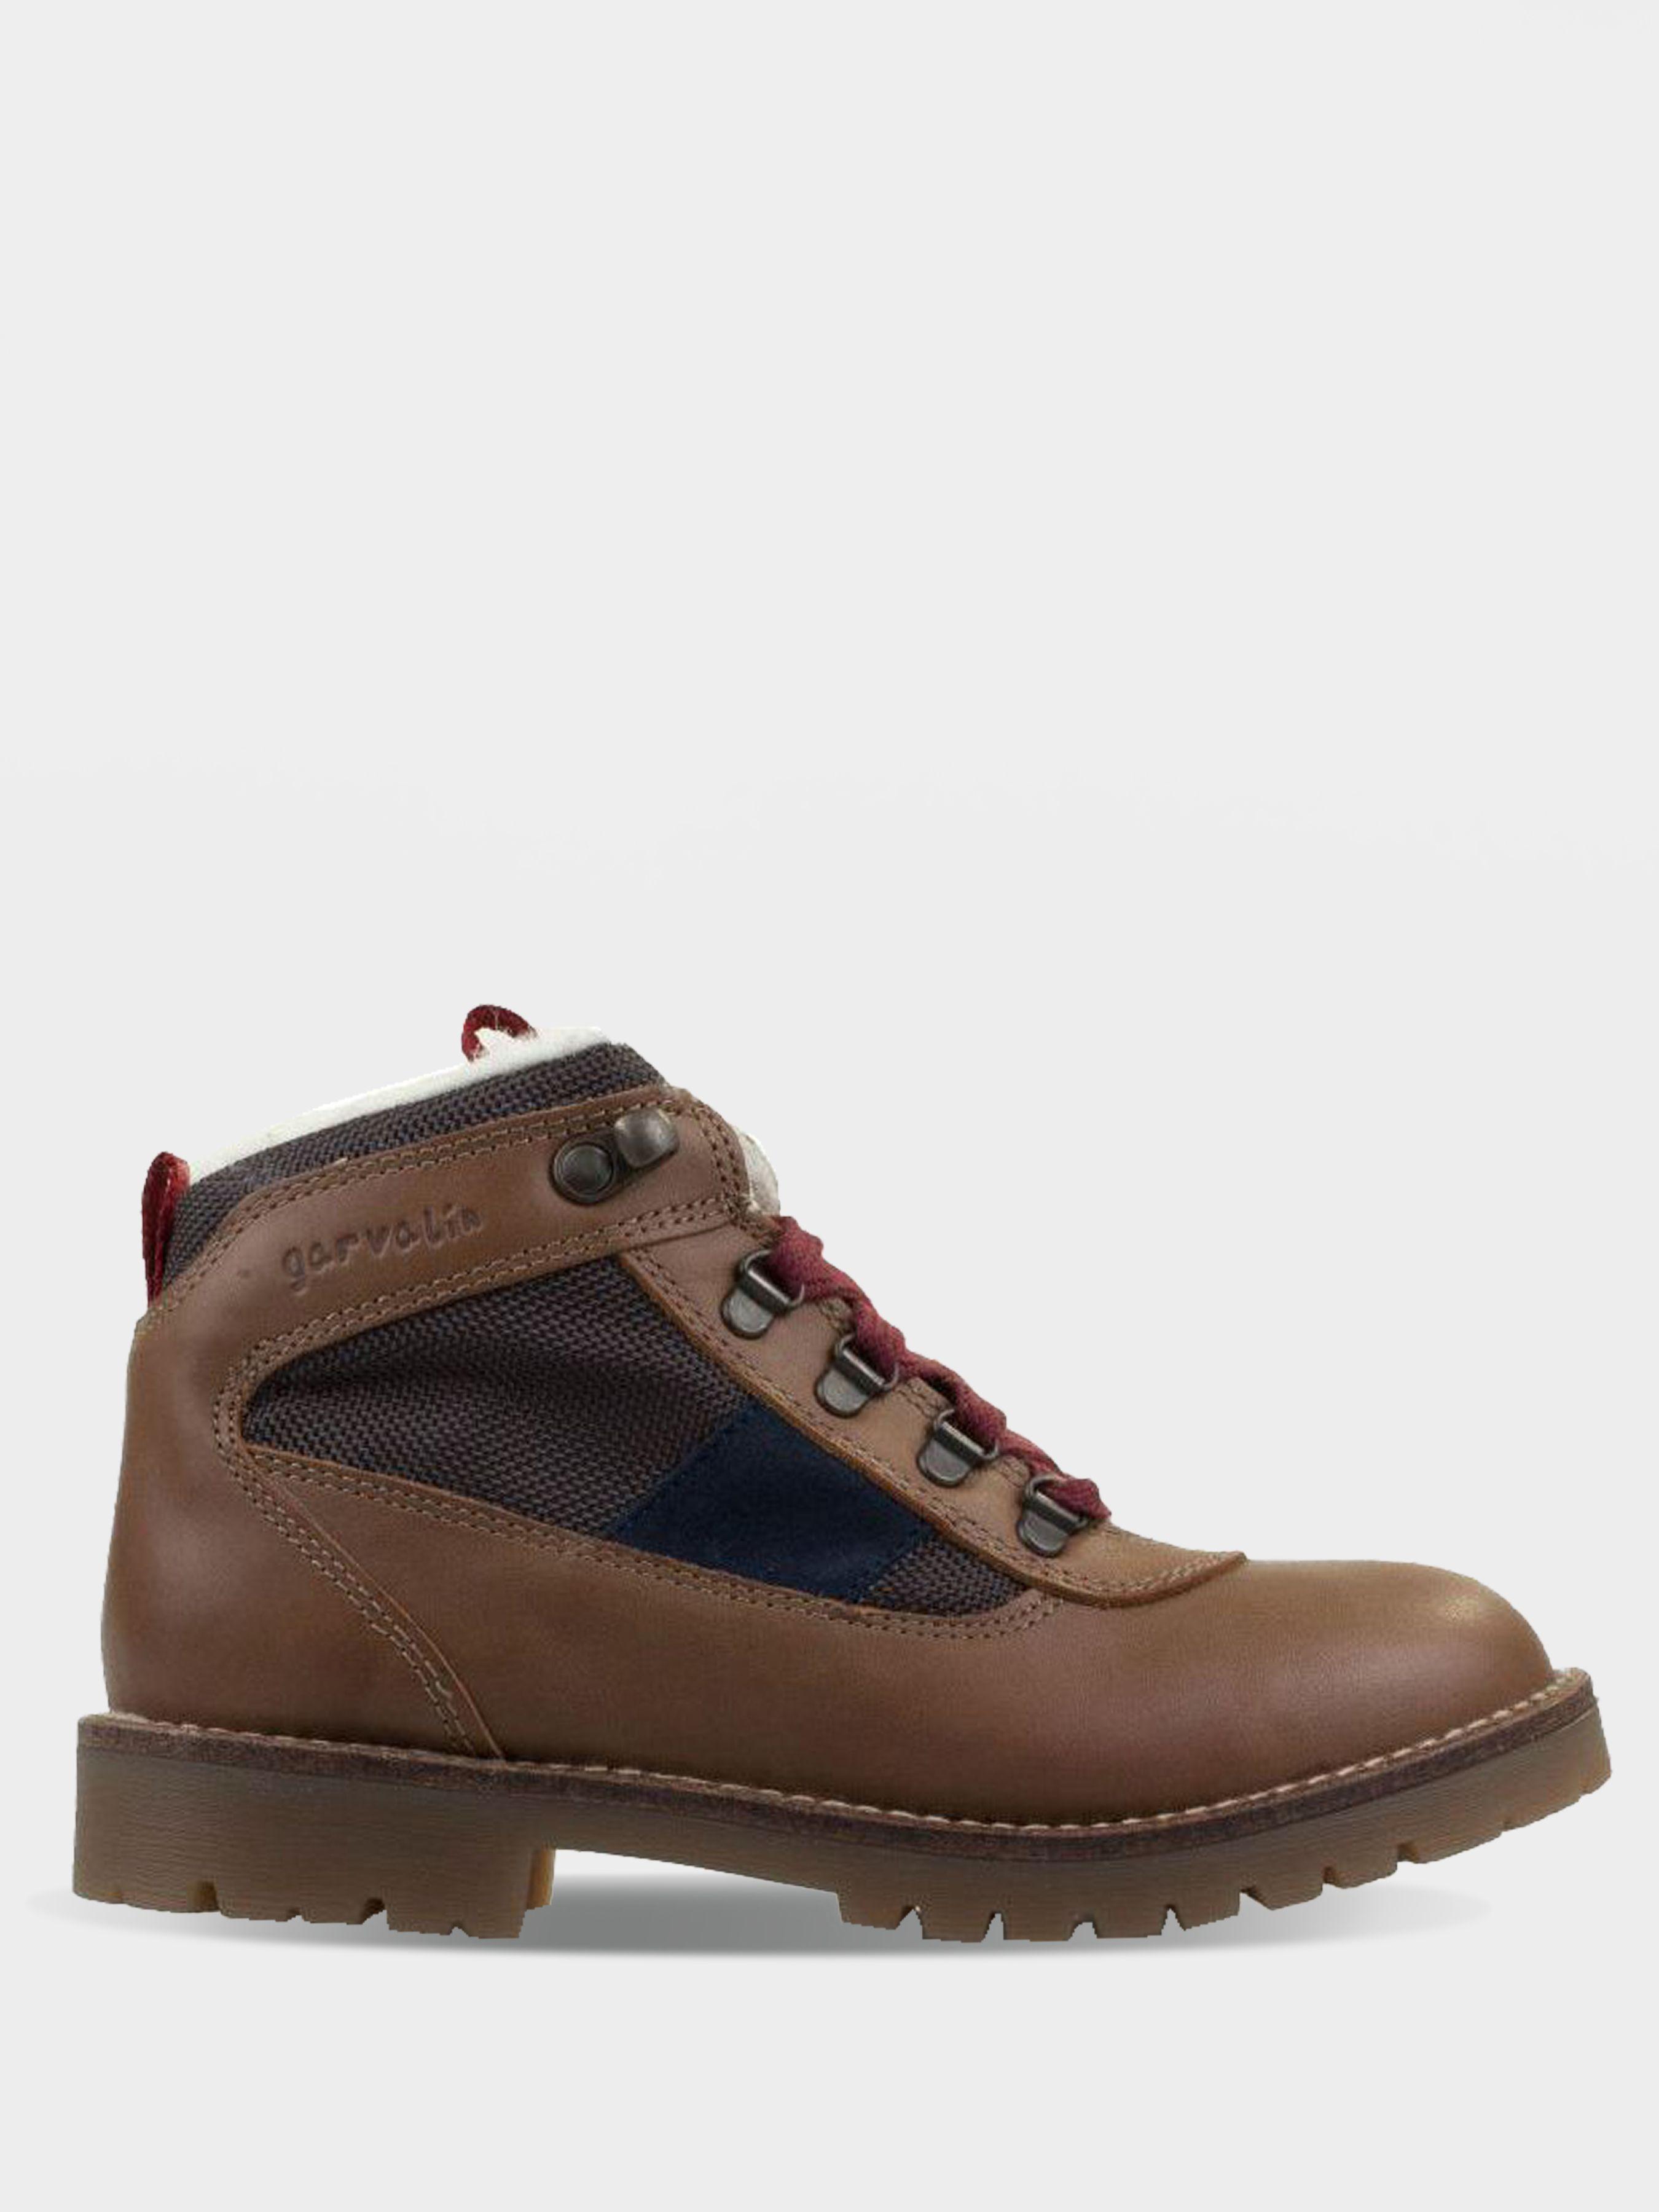 Ботинки для детей Garvalin GL520 купить в Интертоп, 2017